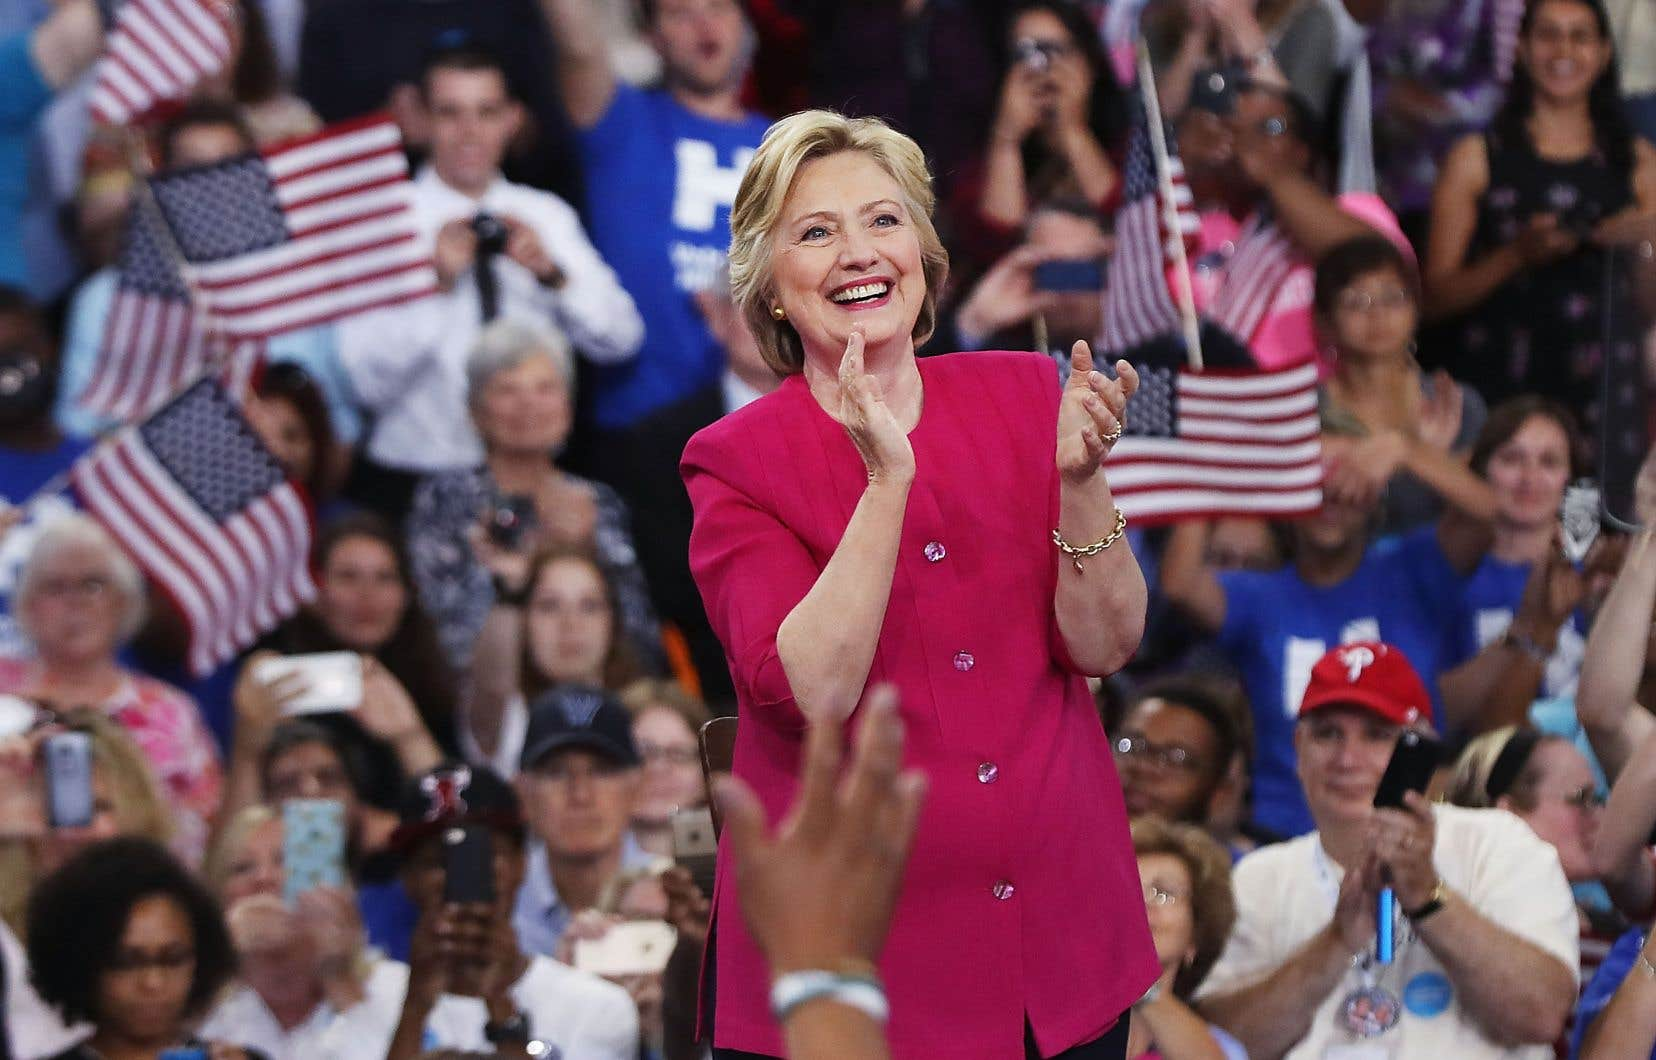 Hillary Clinton lors d'un rassemblement partisan pendant la campagne présidentielle, en juillet 2016